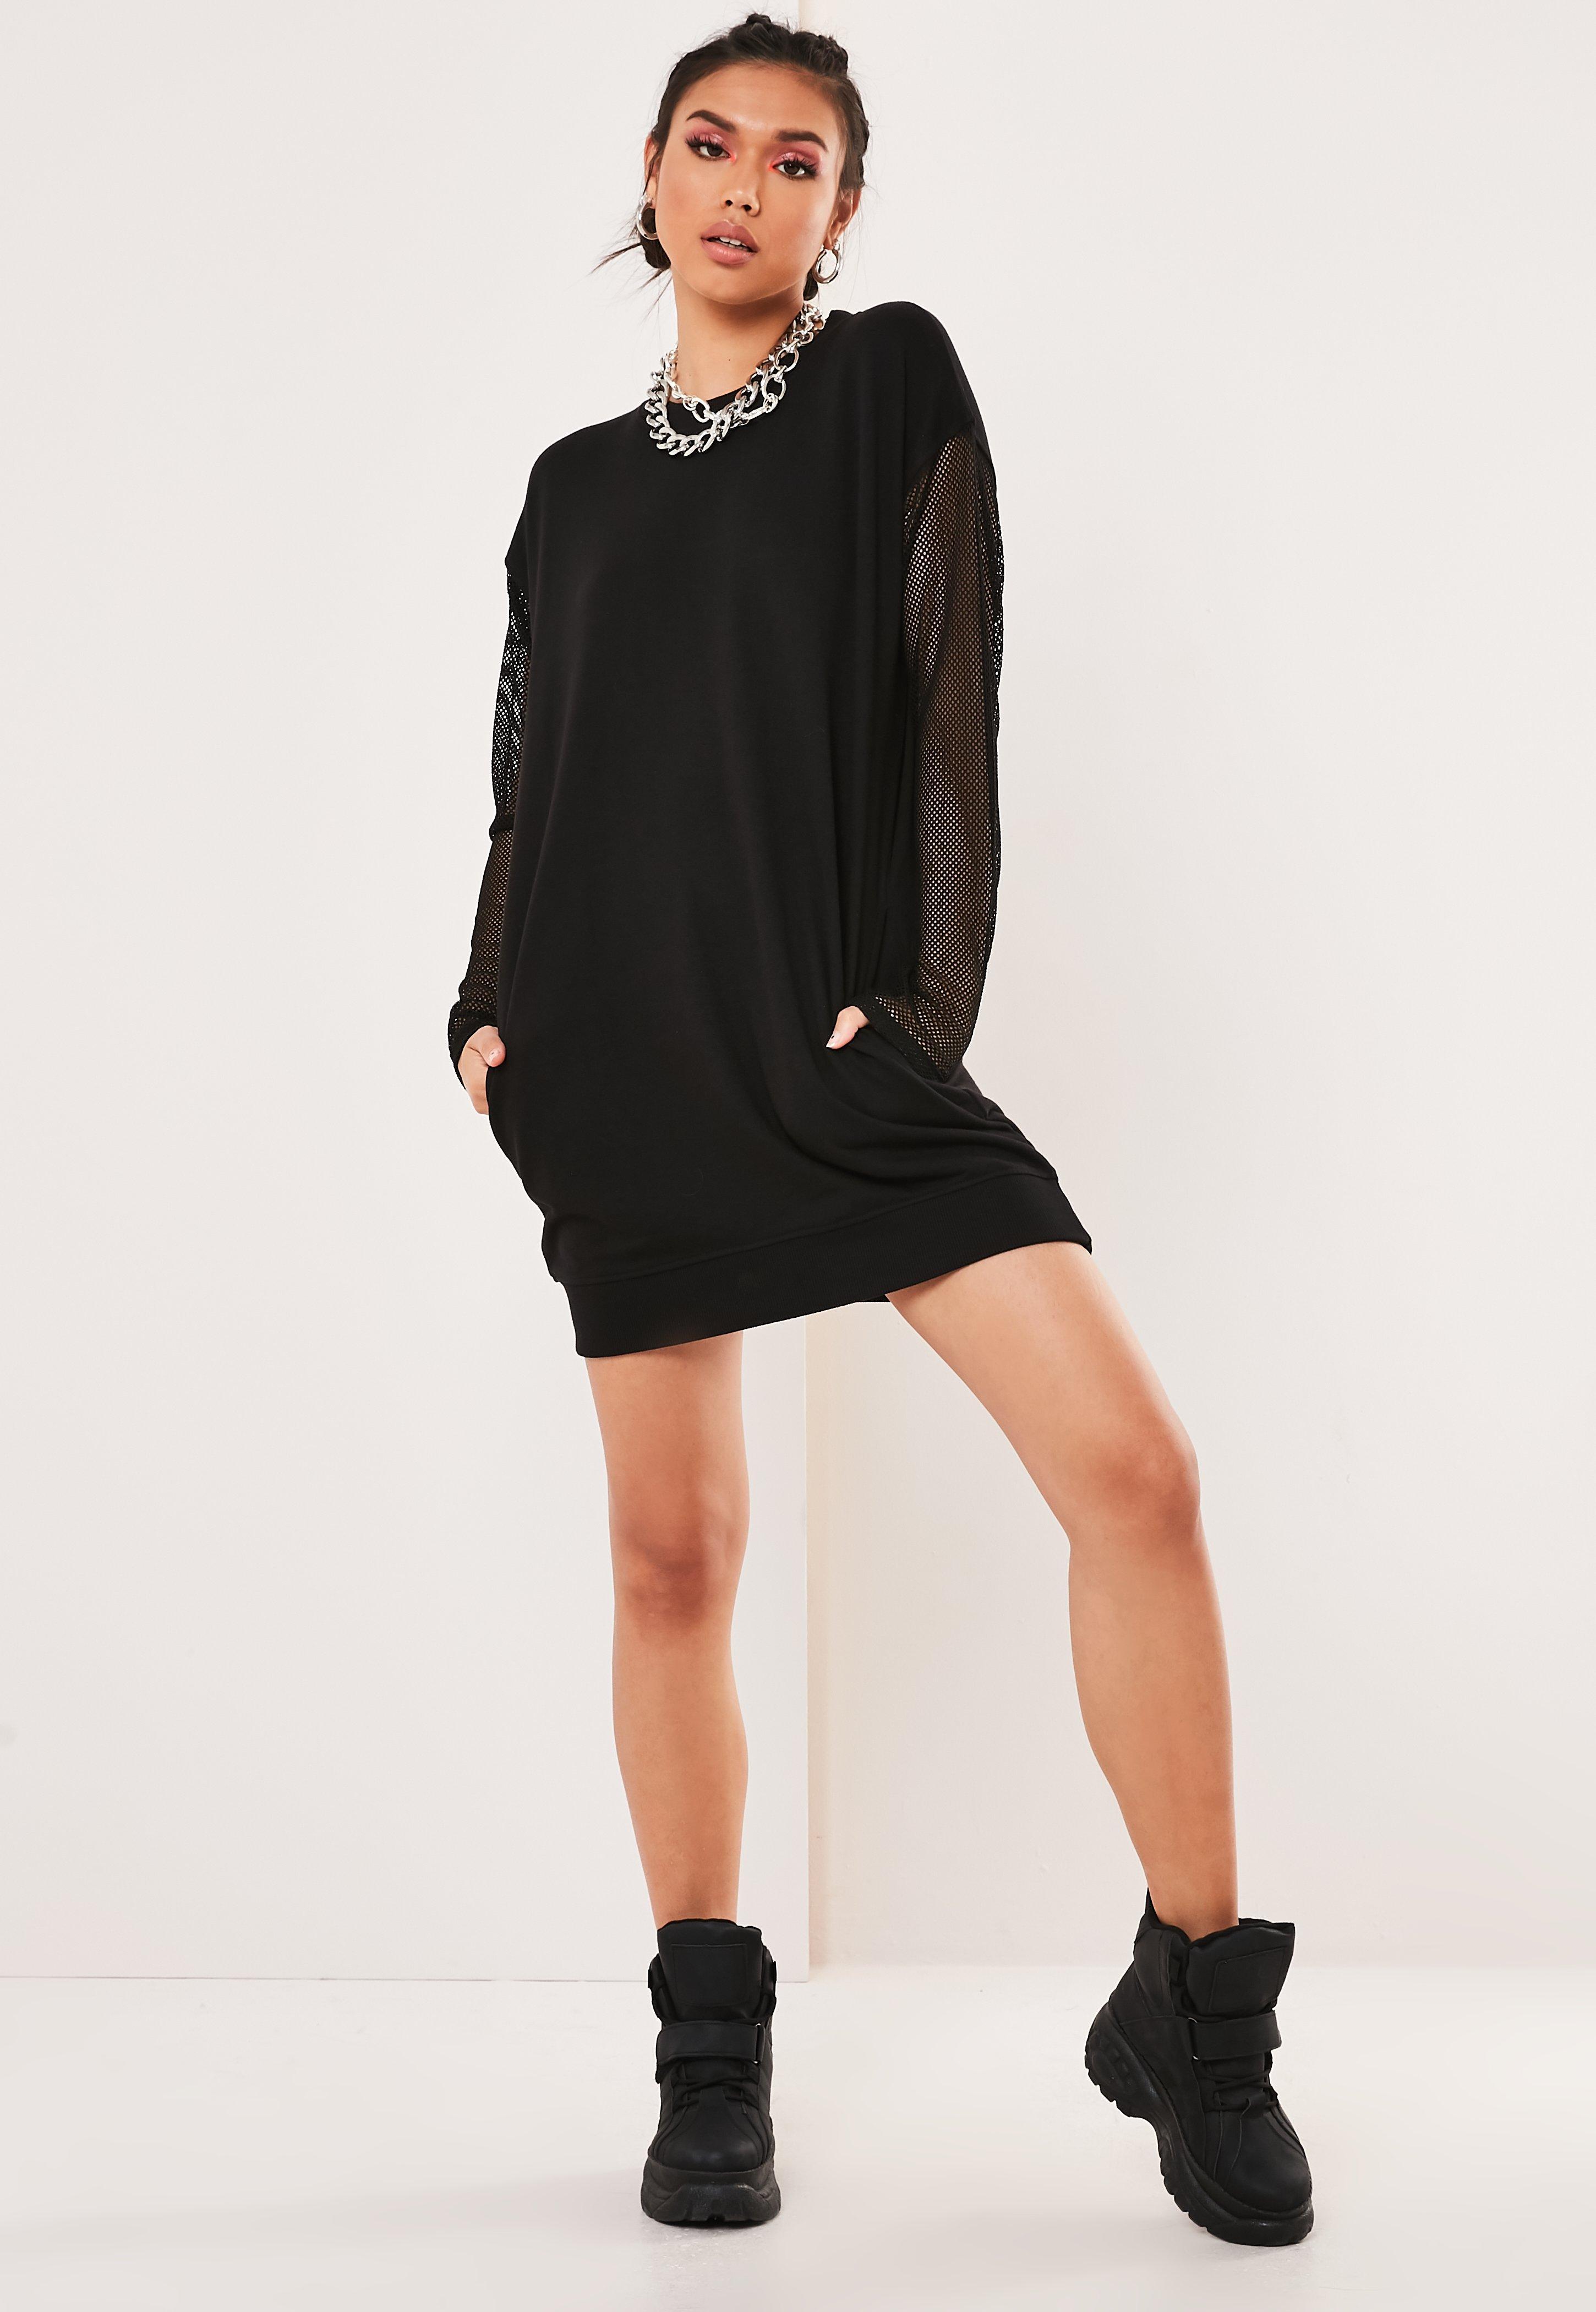 bb7197afe6 Dresses